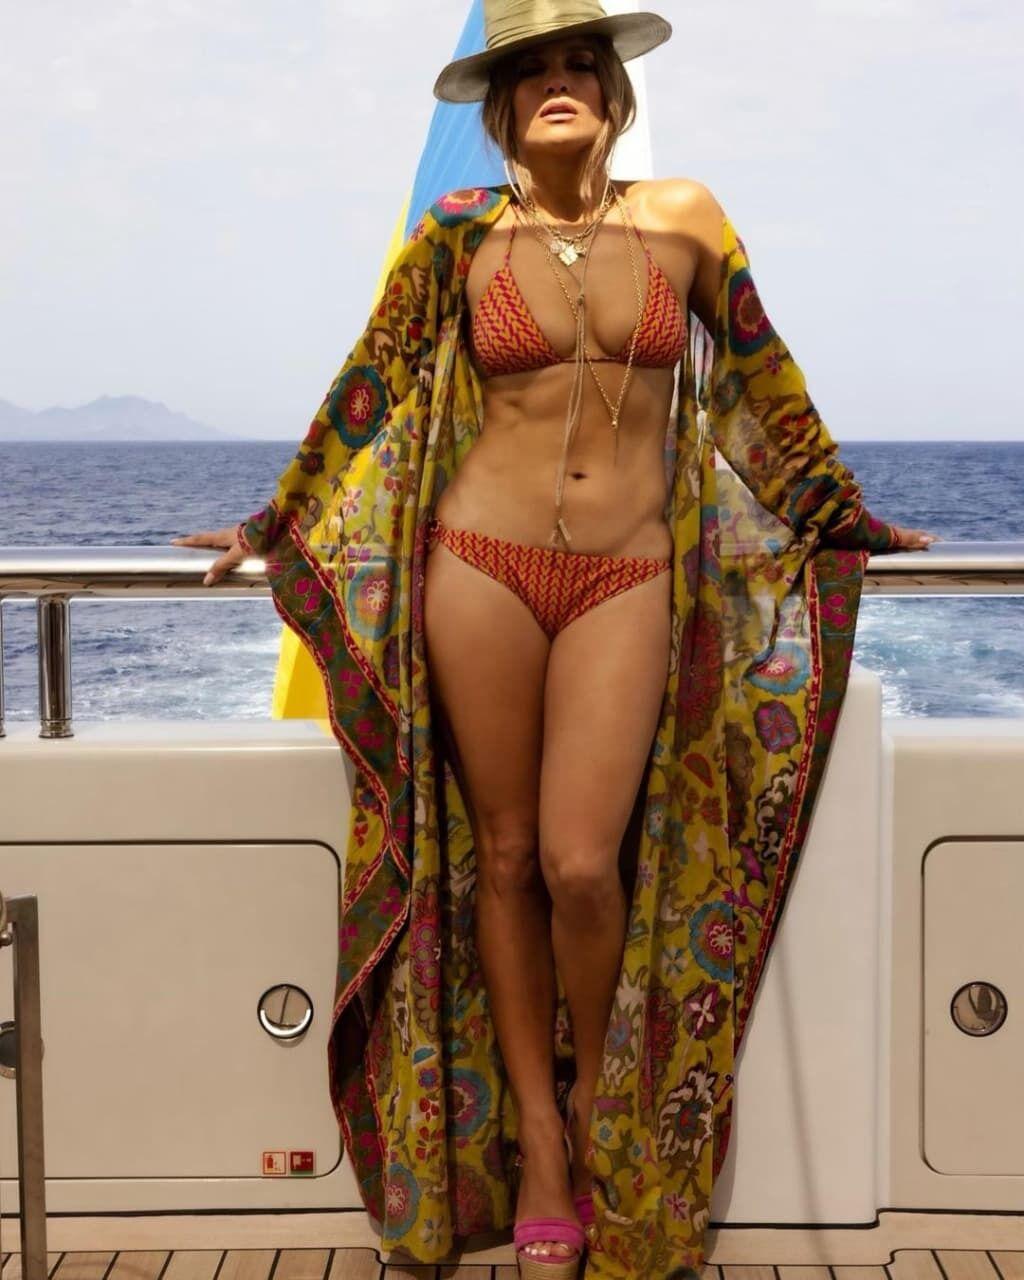 Дженнифер Лопес на яхте.